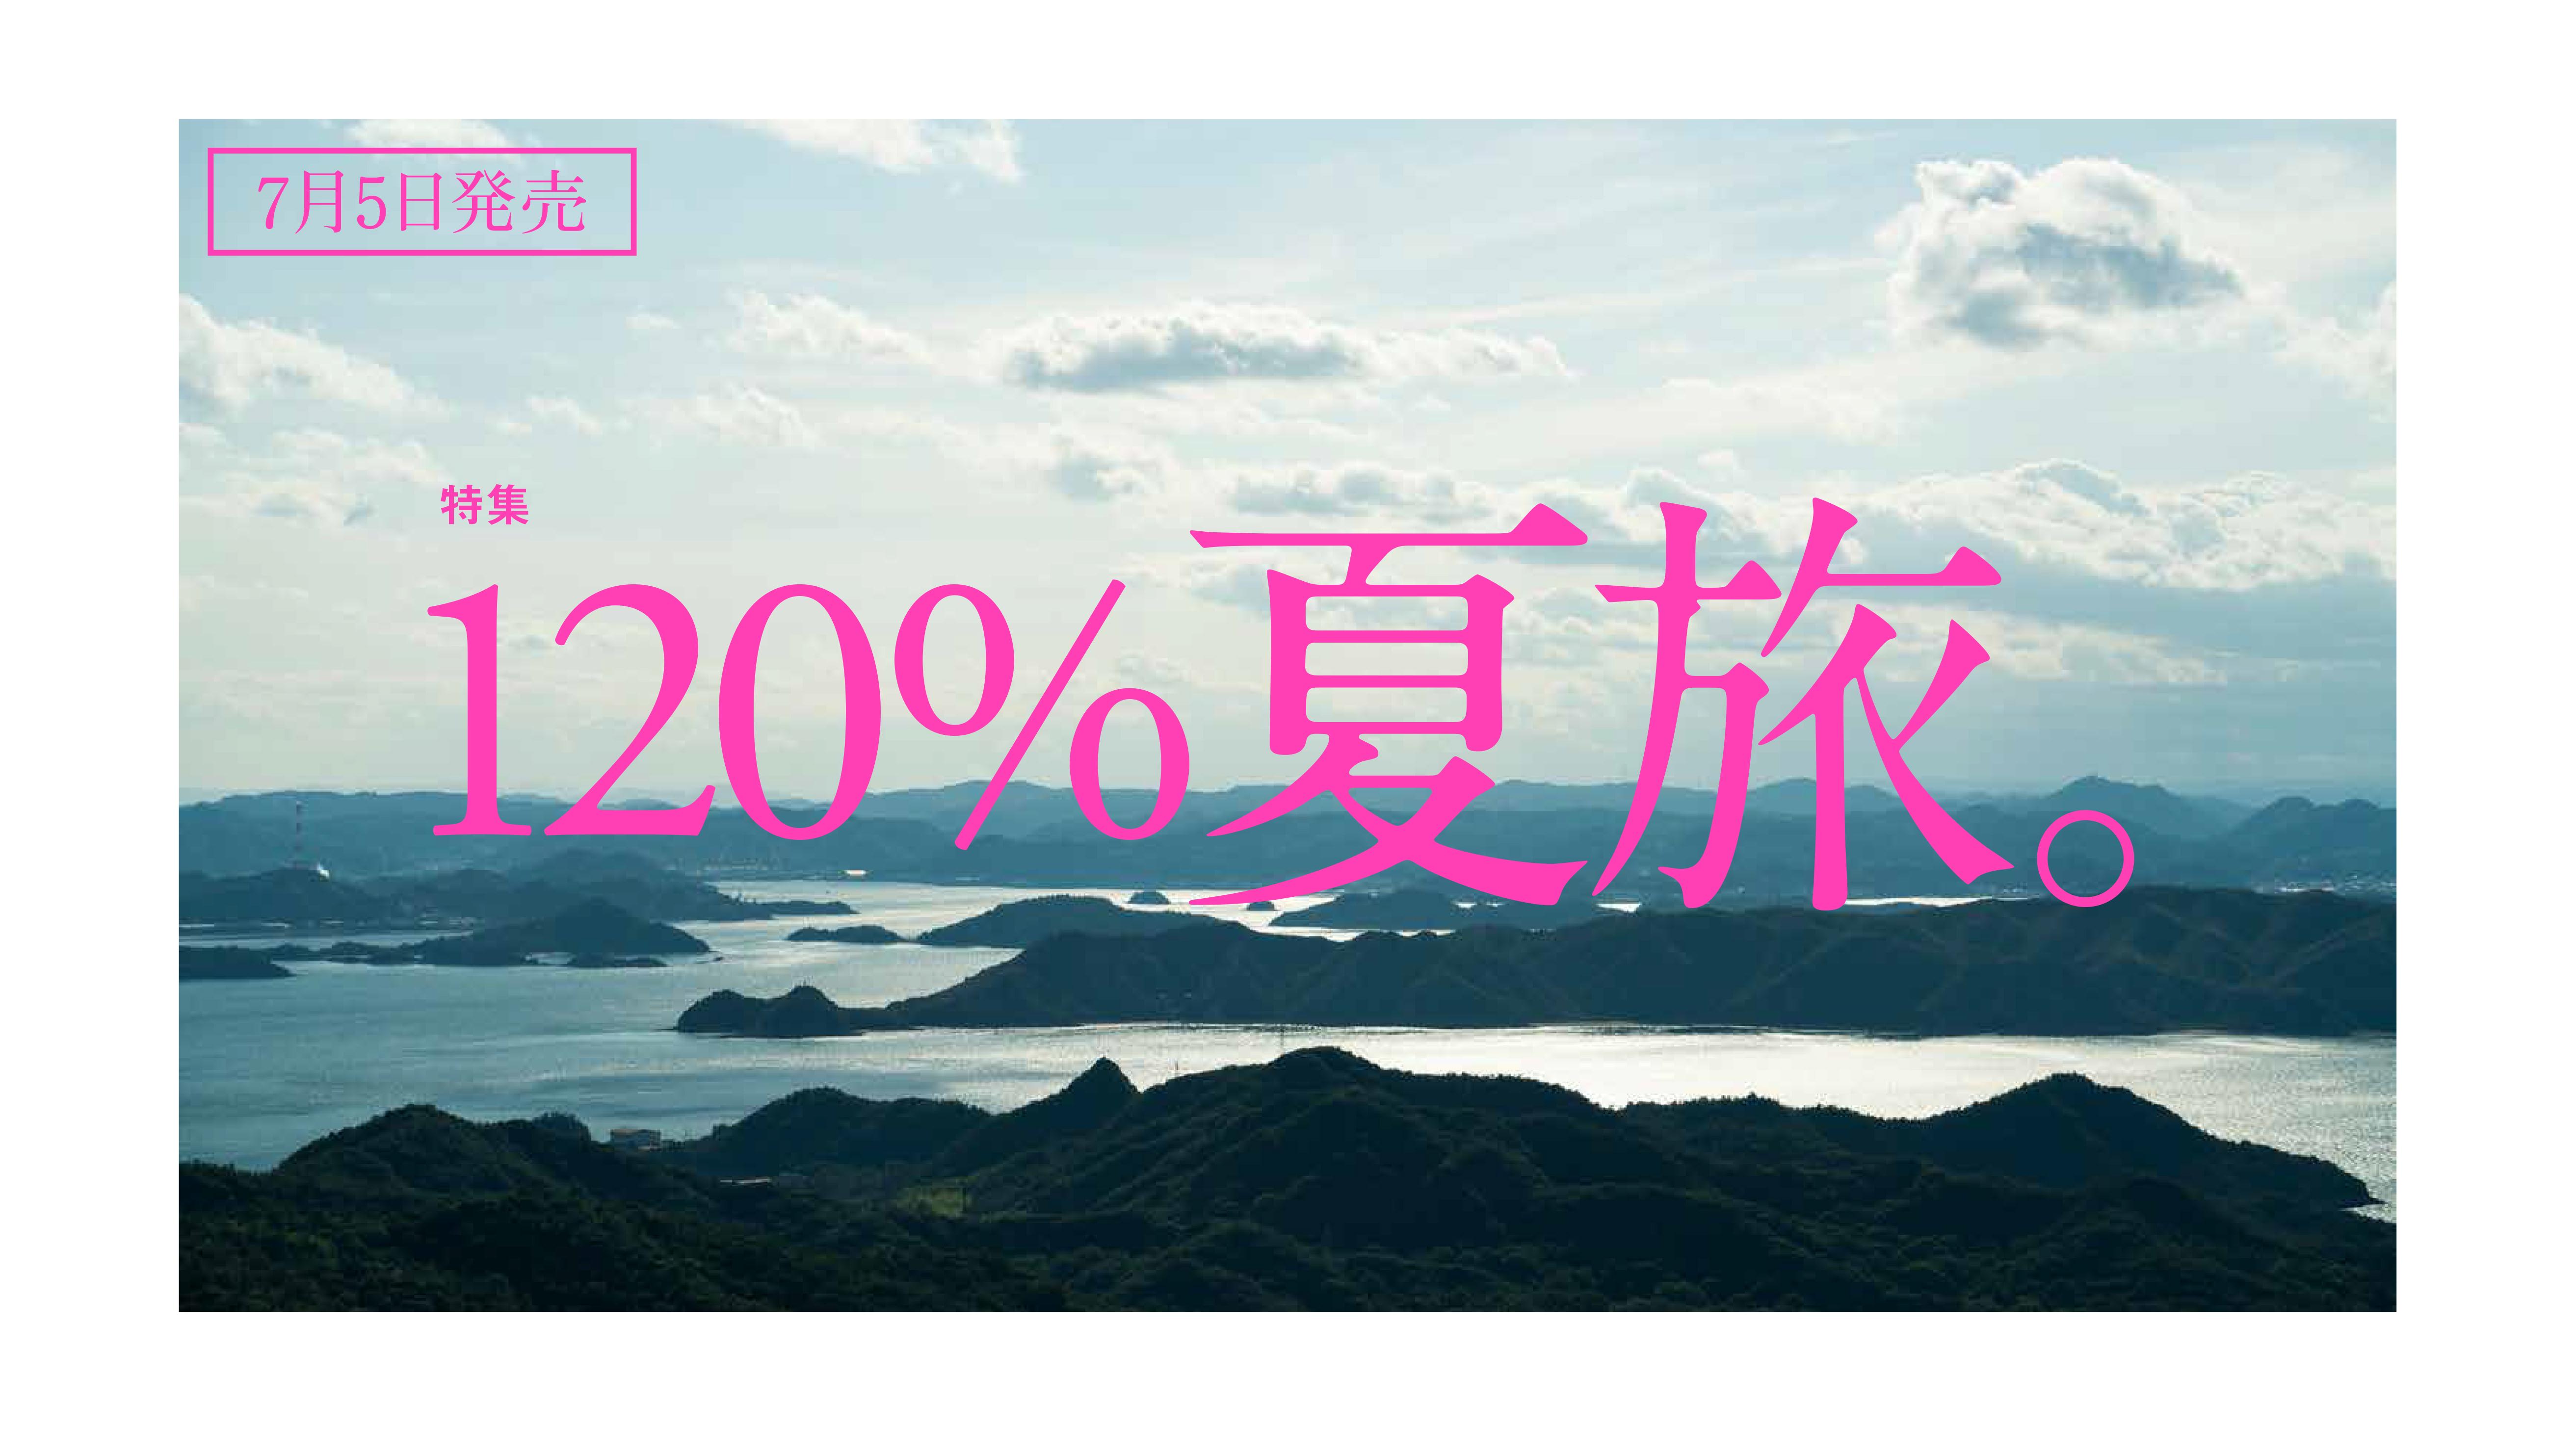 特集:120%夏旅。<br/>【7/5発売】Discover Japan8月号